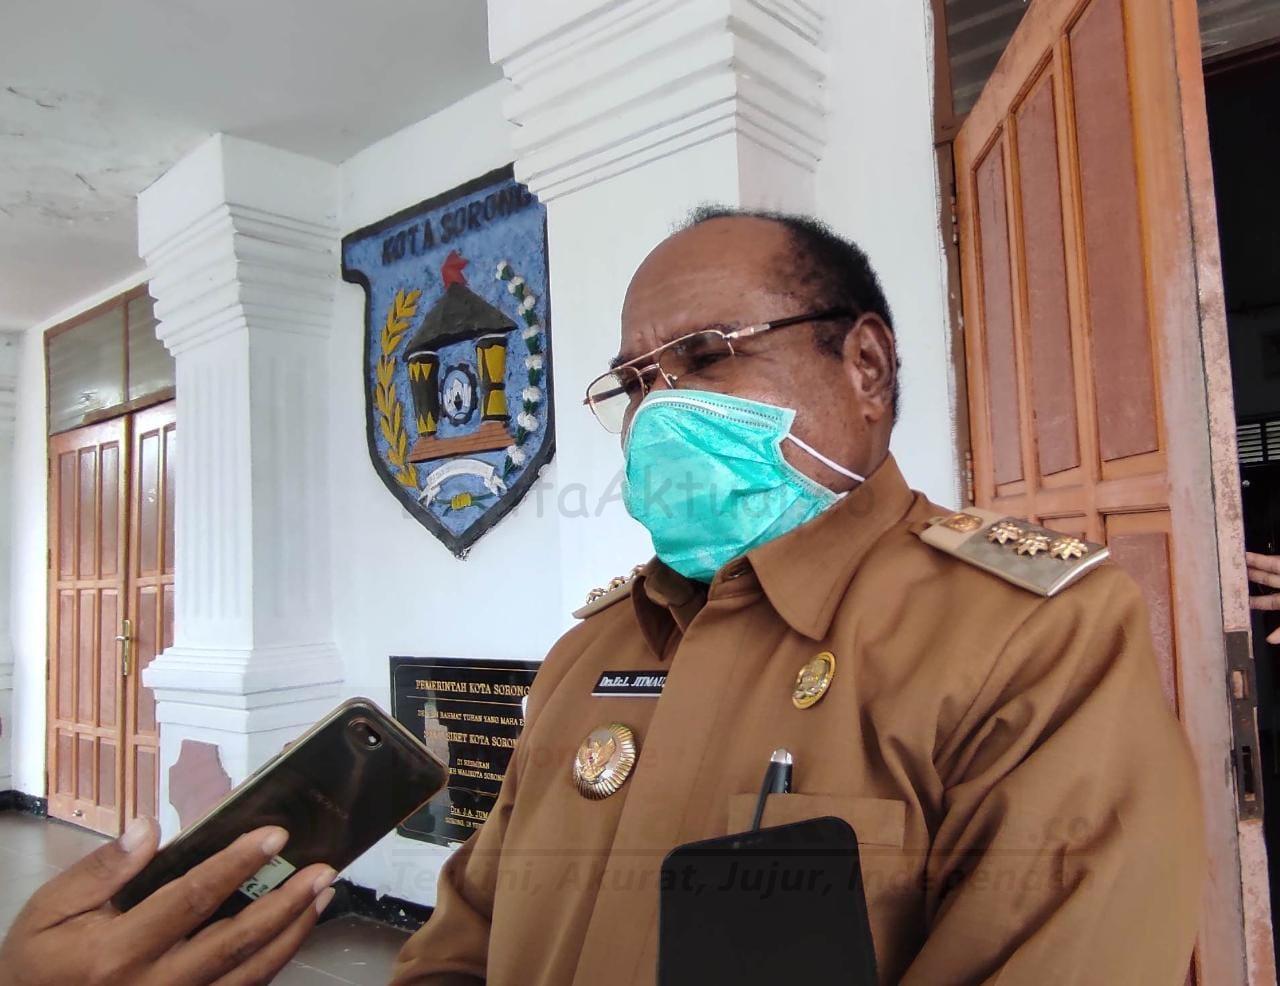 Walikota Tekankan Tidak Ada Lockdown, Masyarakat Harus Terapkan Protokol Kesehatan 1 IMG 20200908 WA0032